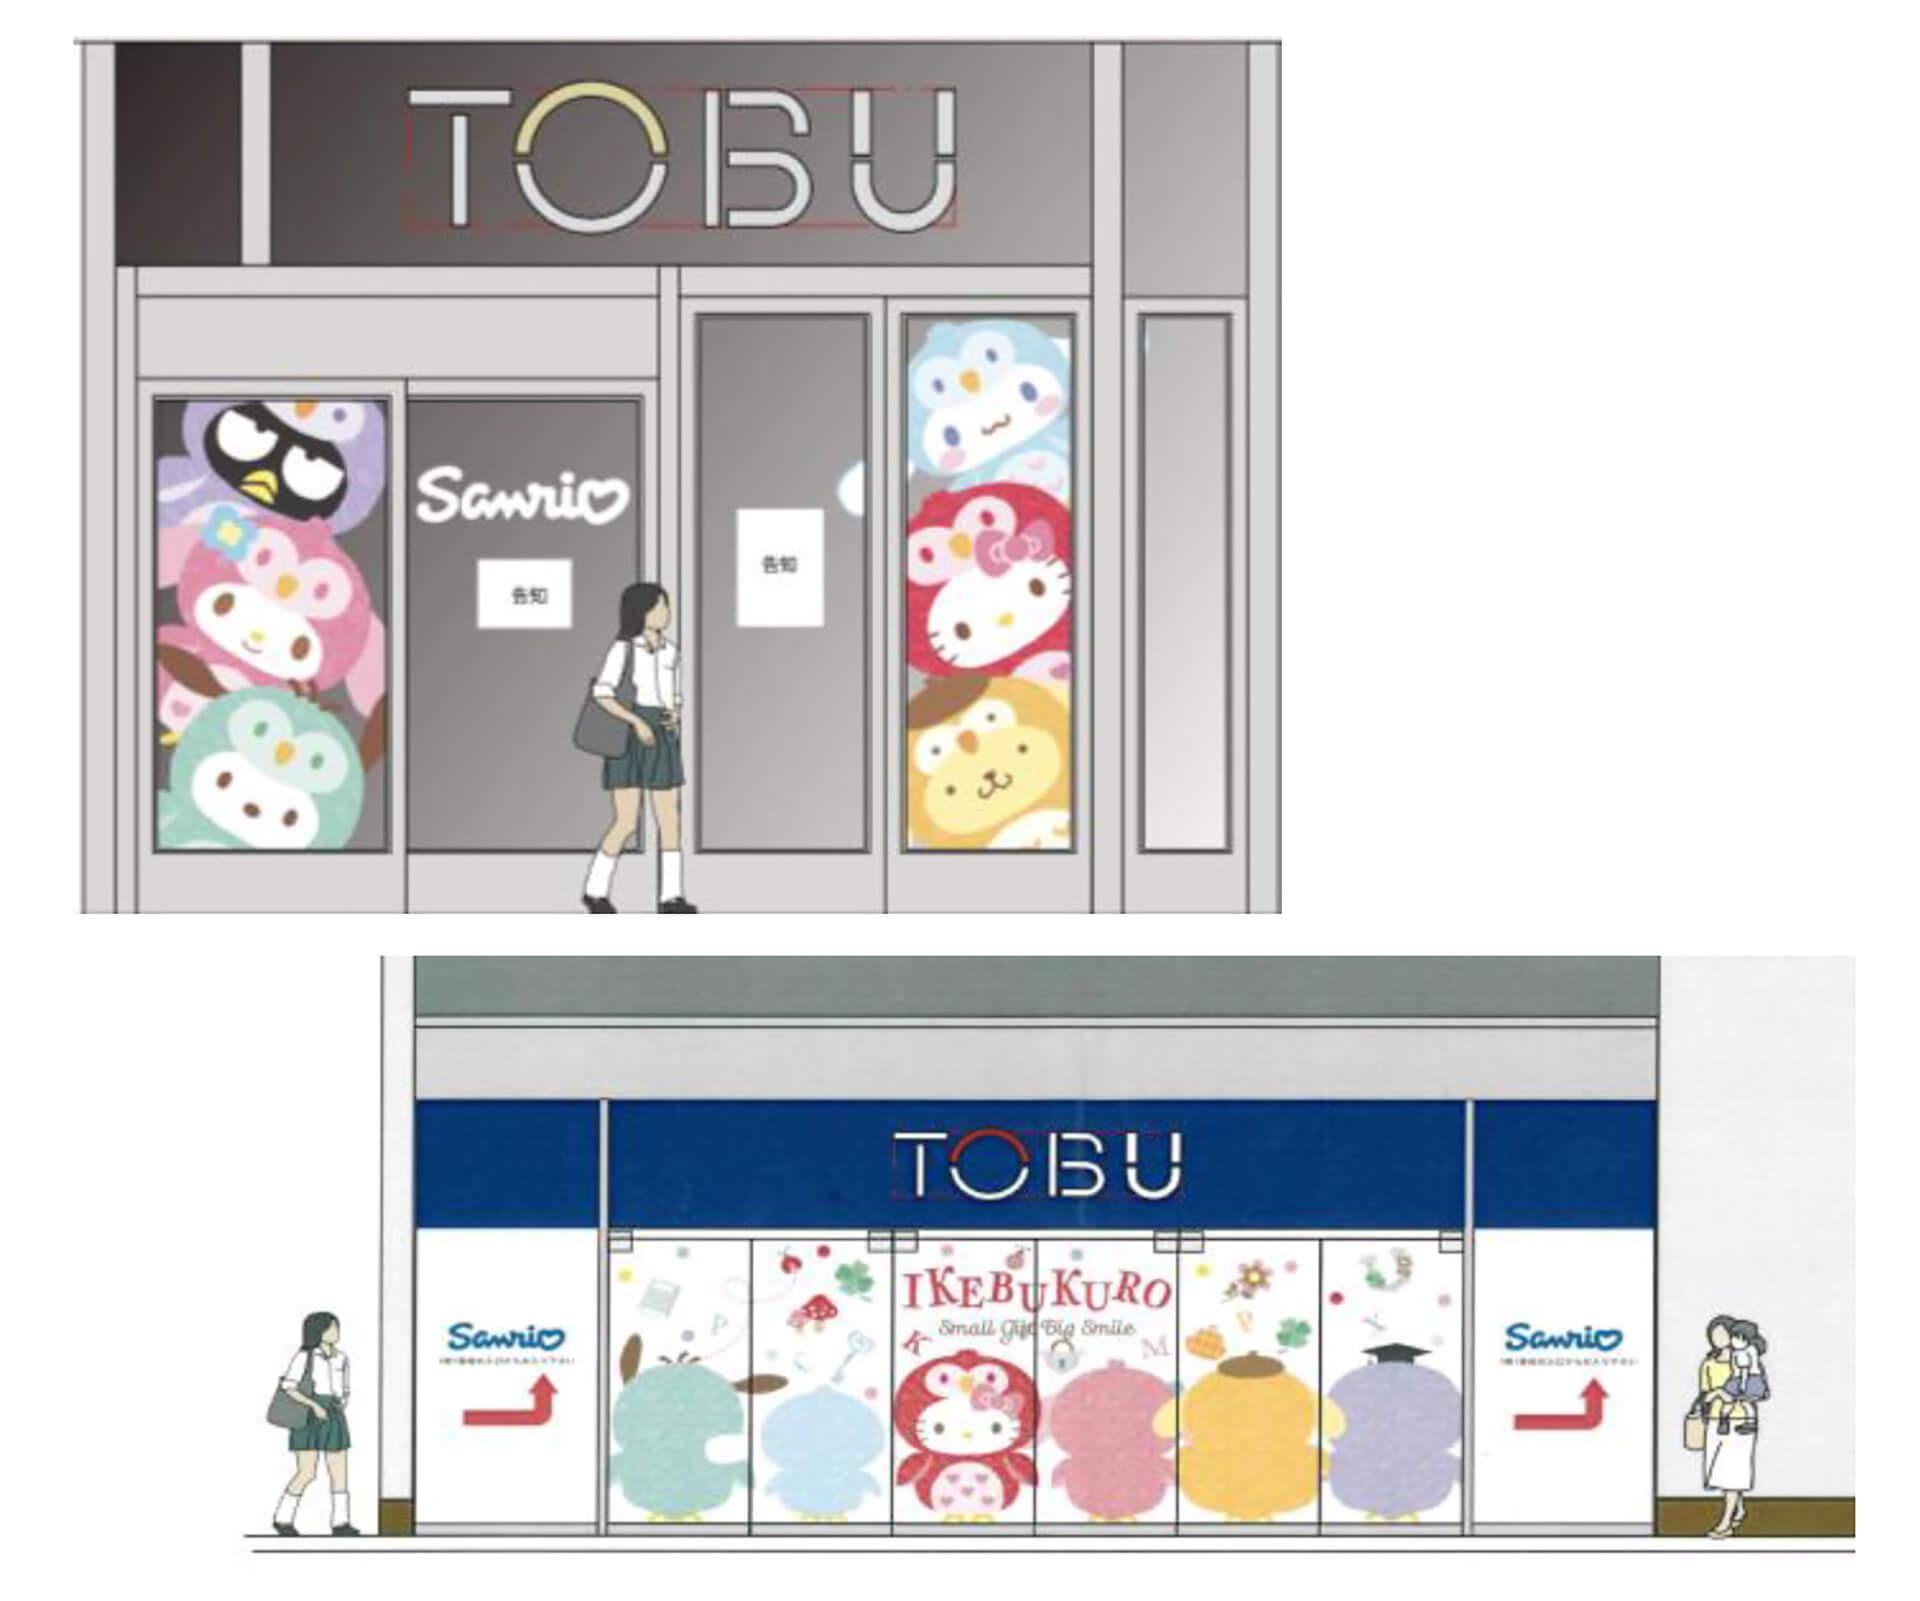 サンリオ 東武池袋店